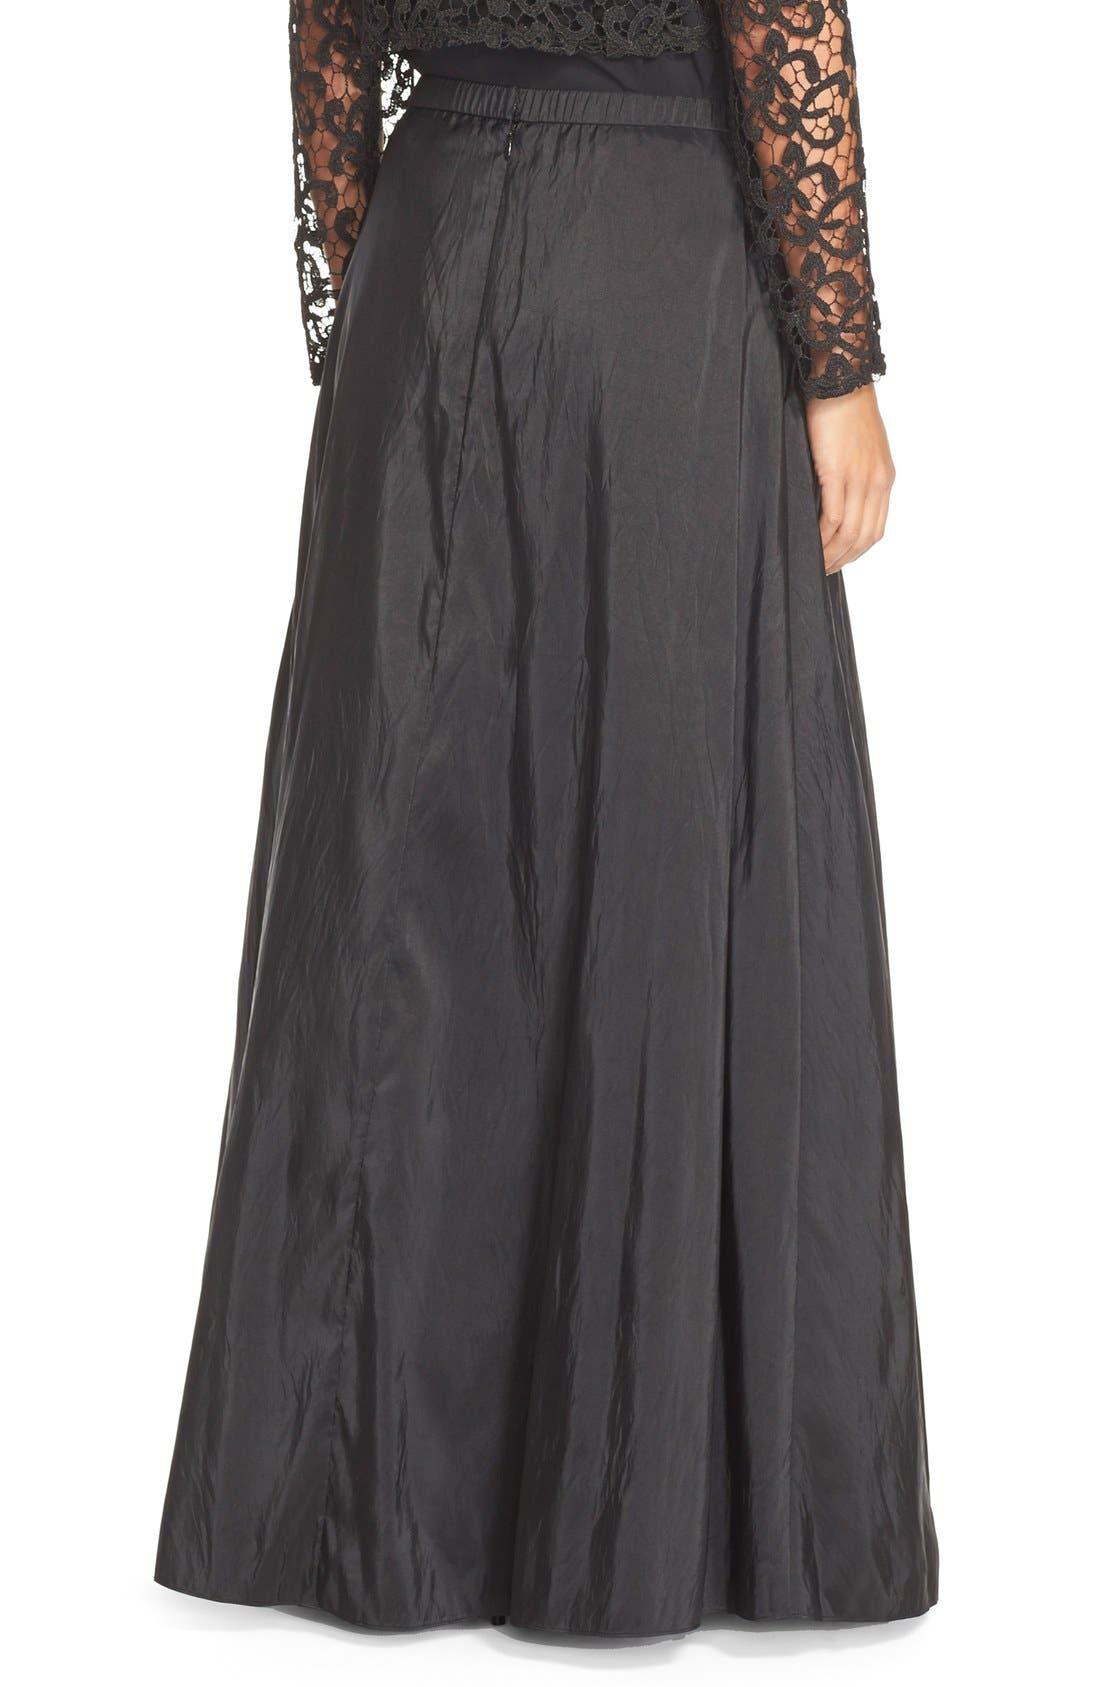 Taffeta Ball Skirt,                             Alternate thumbnail 2, color,                             001